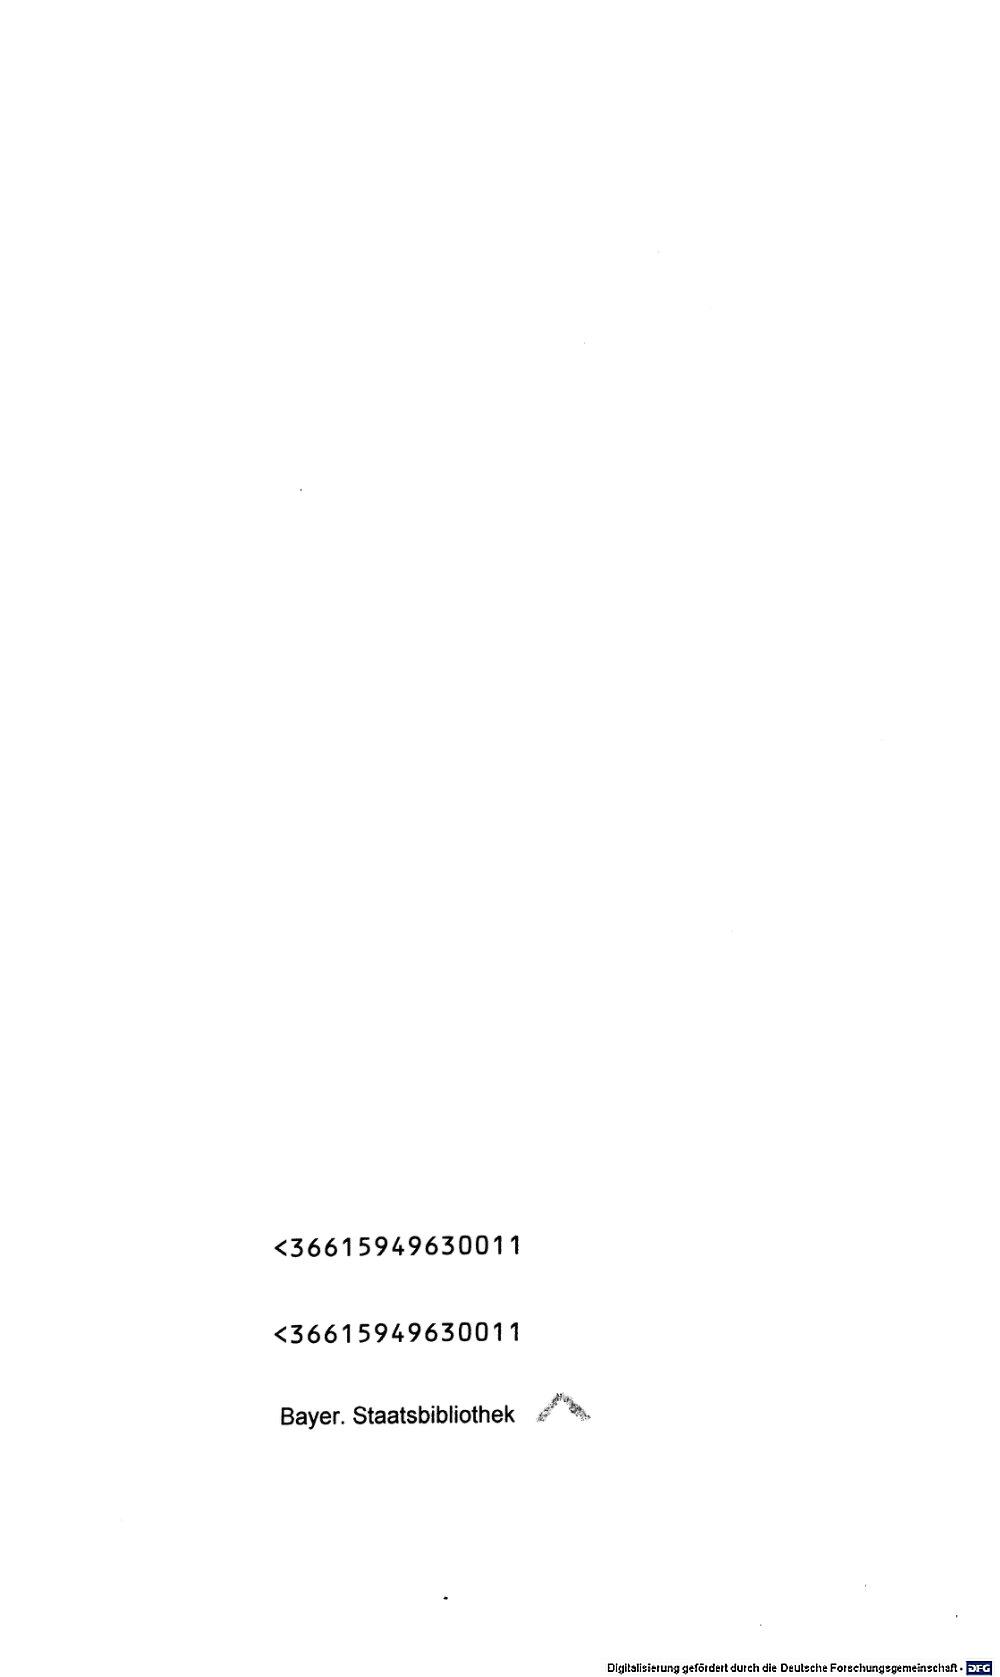 bsb00001179_00001.jpg